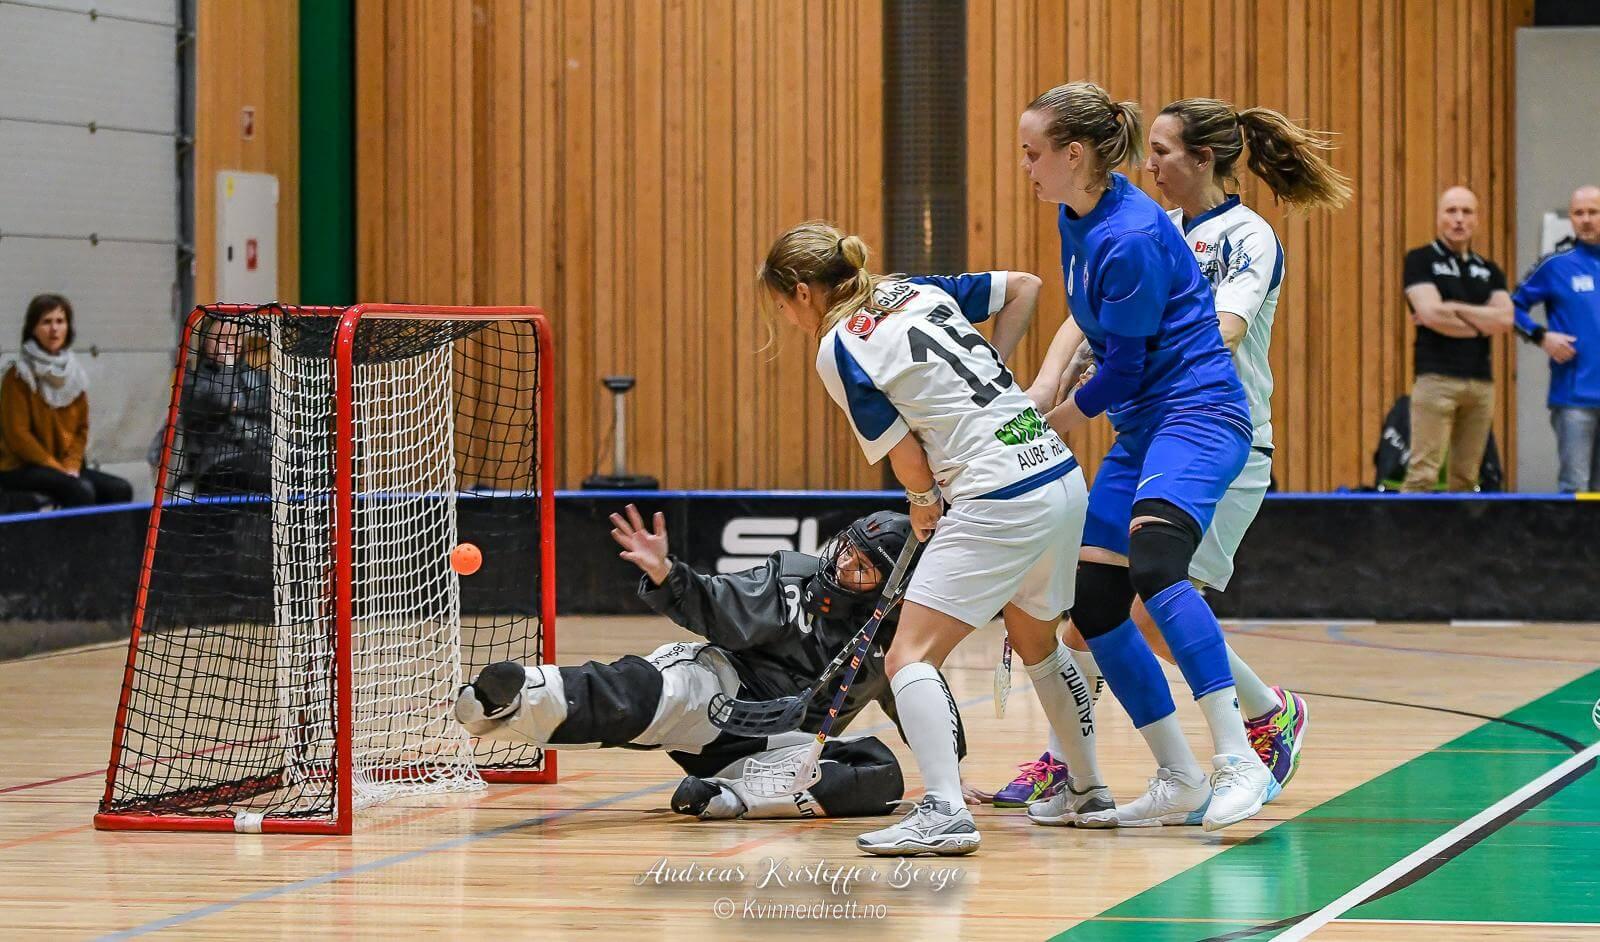 Alice Clausen og Sarpsborg ga Grei kamp om poengene i dag. Foto: Andreas Kristoffer Berge